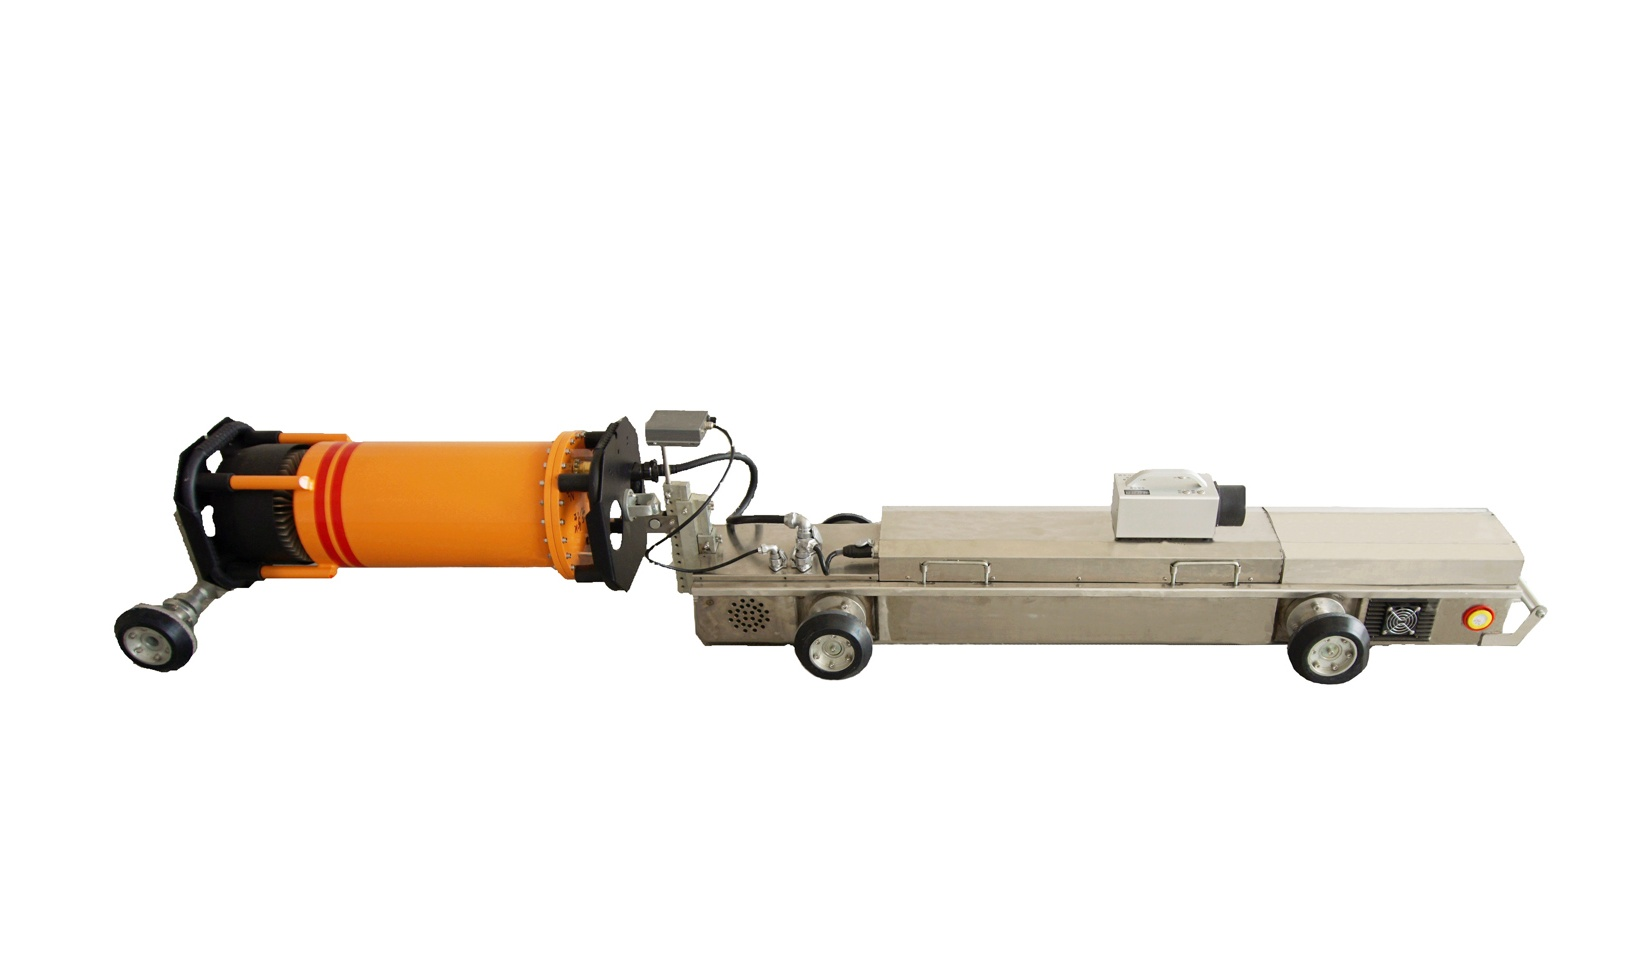 遵义市特检所X射线探伤机等器设备采购项目公开招标